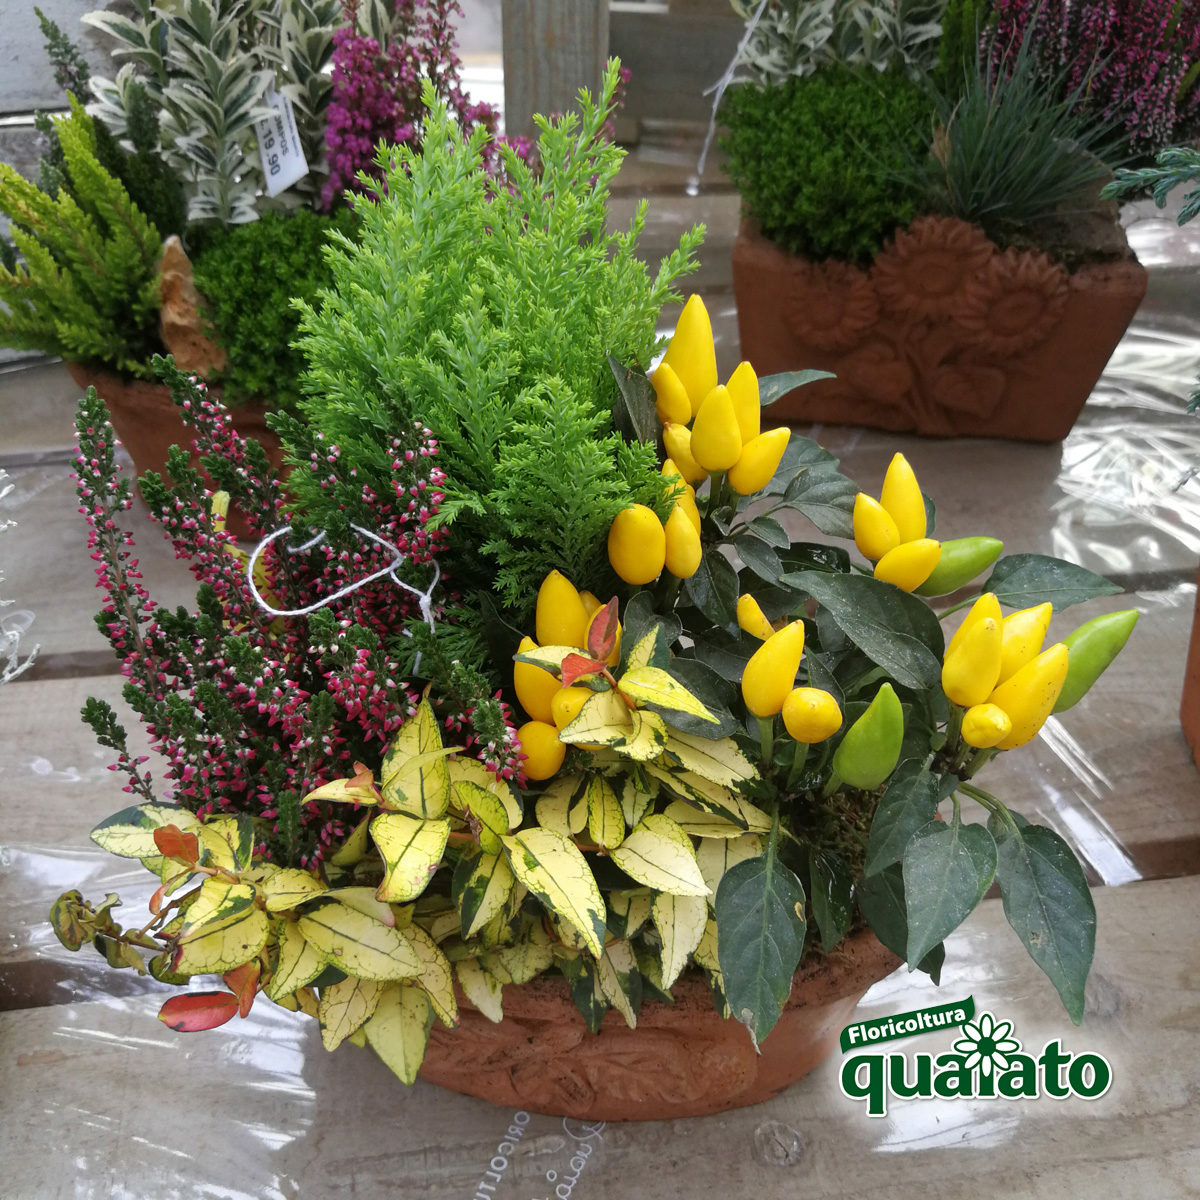 Pianta Foglie Rosse E Verdi idee per composizioni floreali autunnali davvero uniche